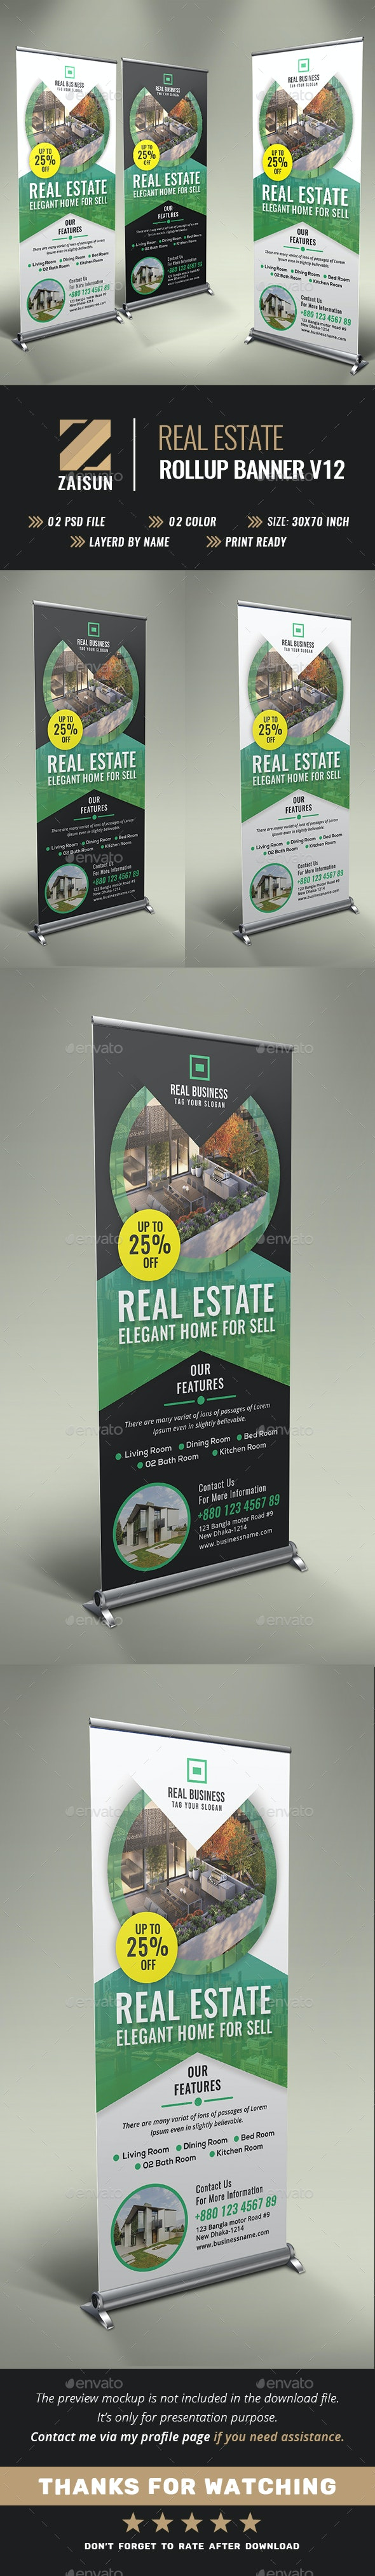 Real Estate Roll-Up Banner V12 - Signage Print Templates